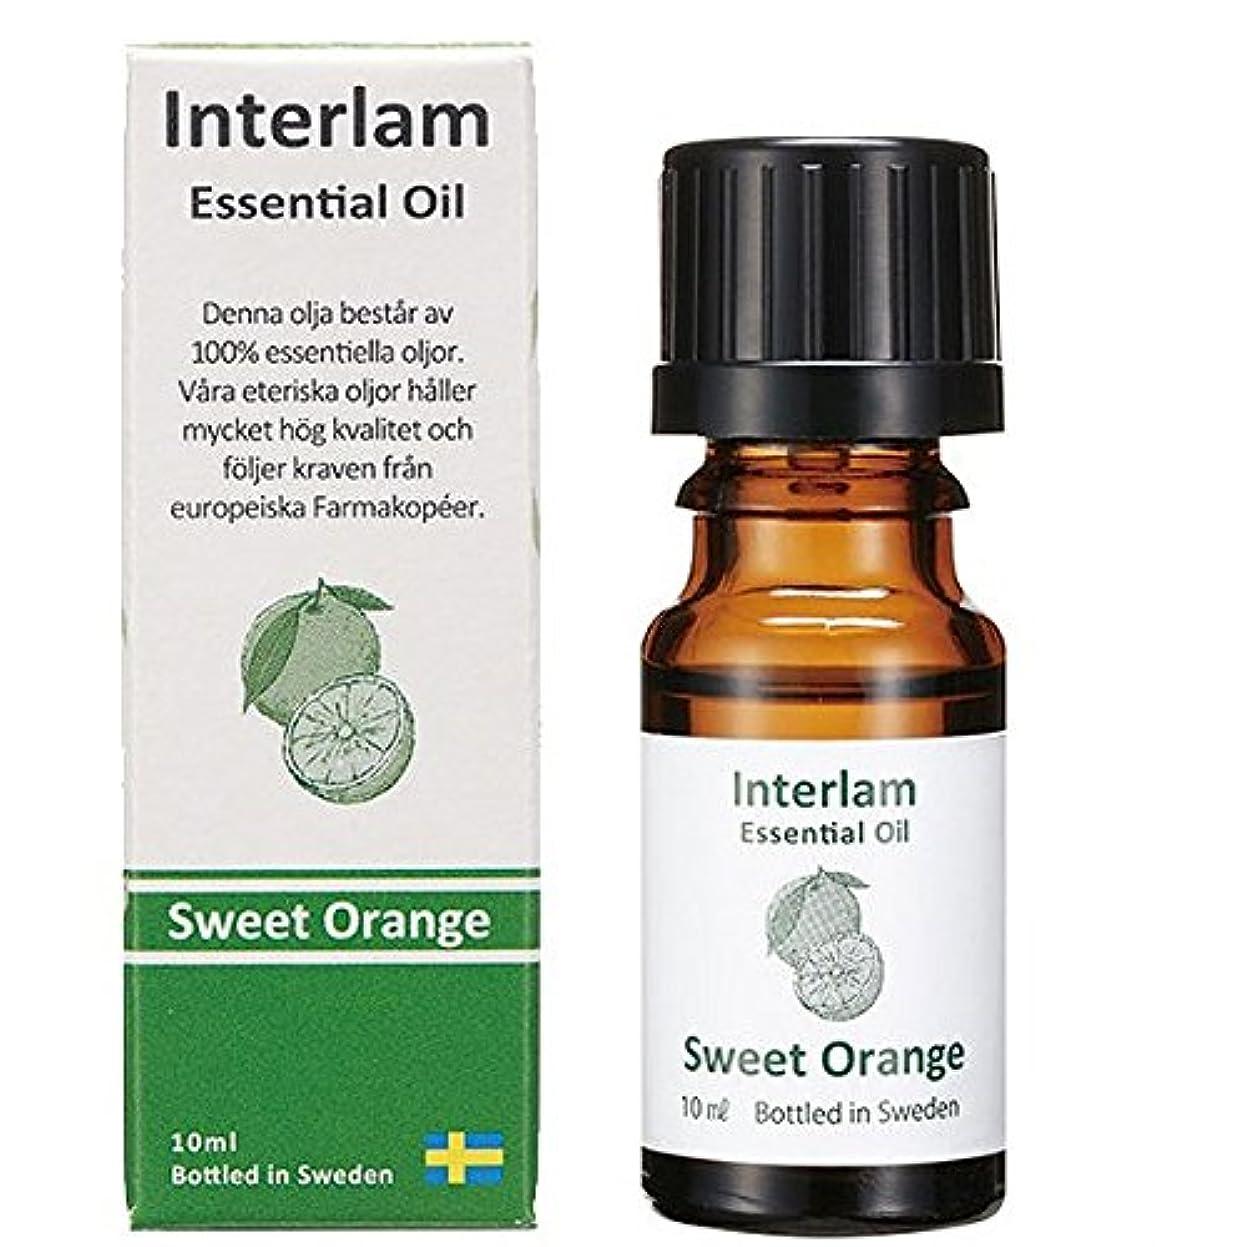 コカインコンバーチブル消費者Interlam エッセンシャルオイル オレンジスイート 10ml